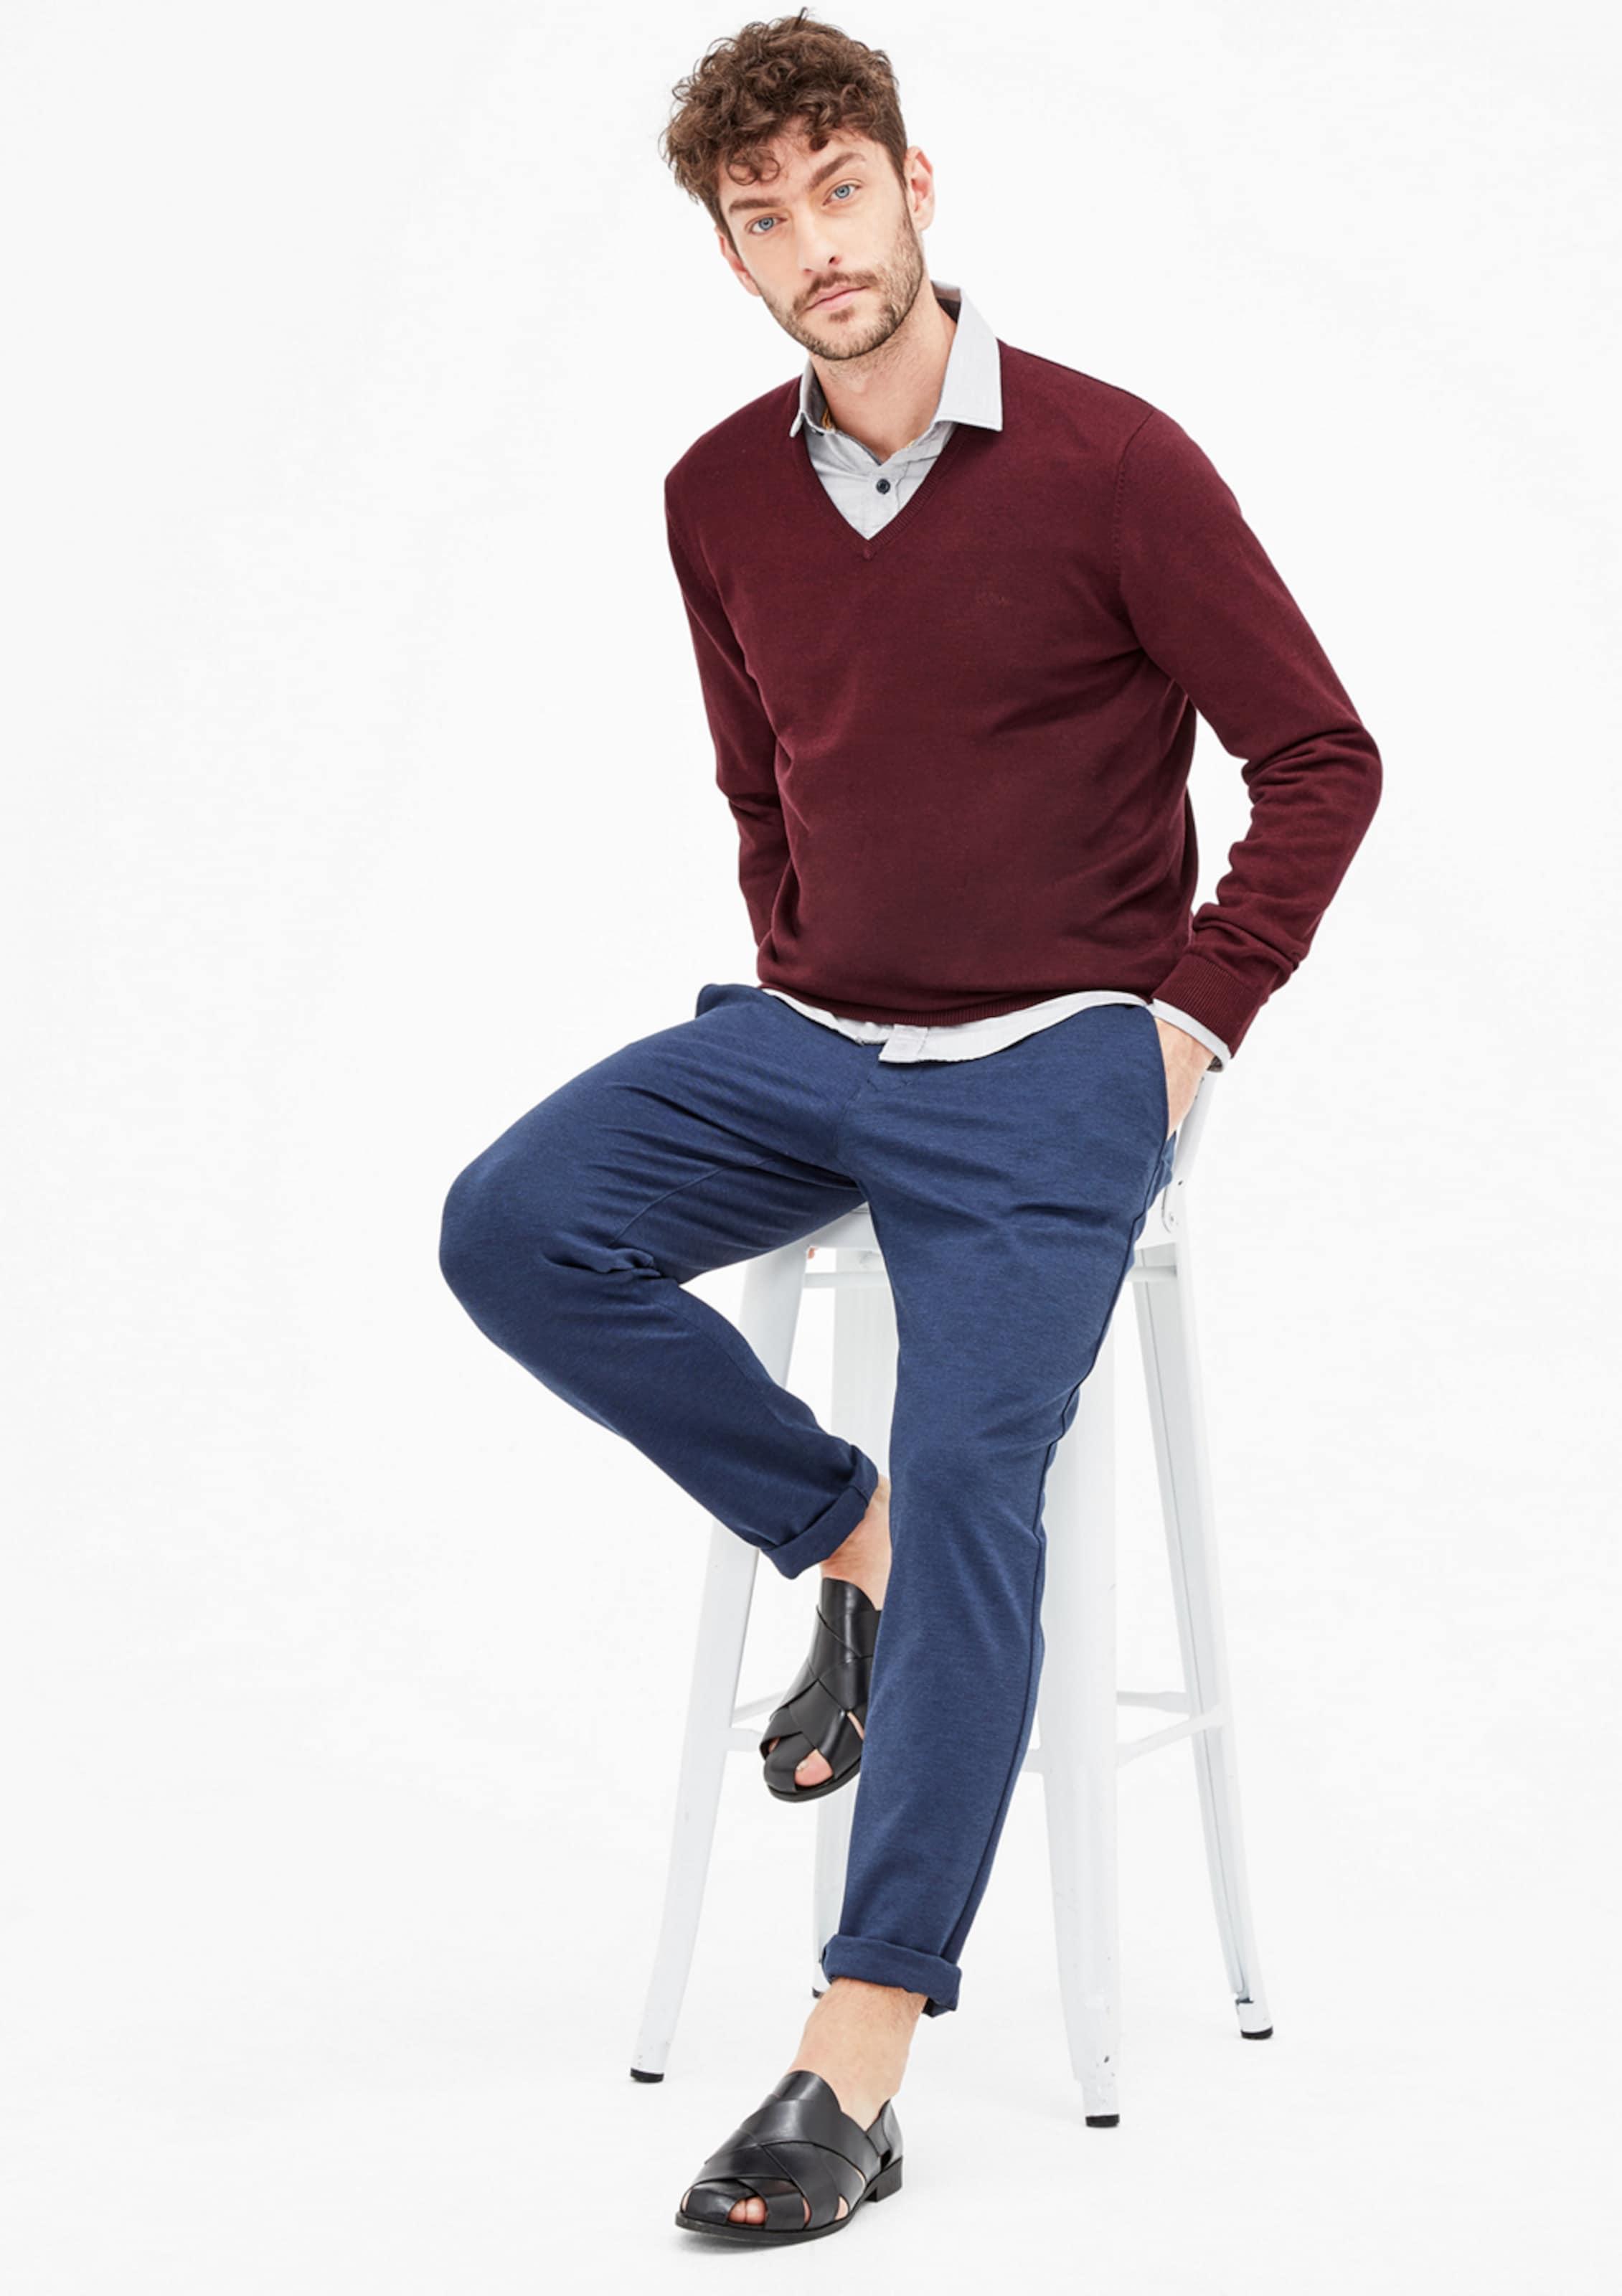 Rabatt-Outlet-Store Wiki Zum Verkauf s.Oliver RED LABEL Pullover? mit V-Ausschnitt Günstig Kaufen Low-Cost Die Besten Preise Günstig Online Auslassstellen Günstiger Preis xfSlscm